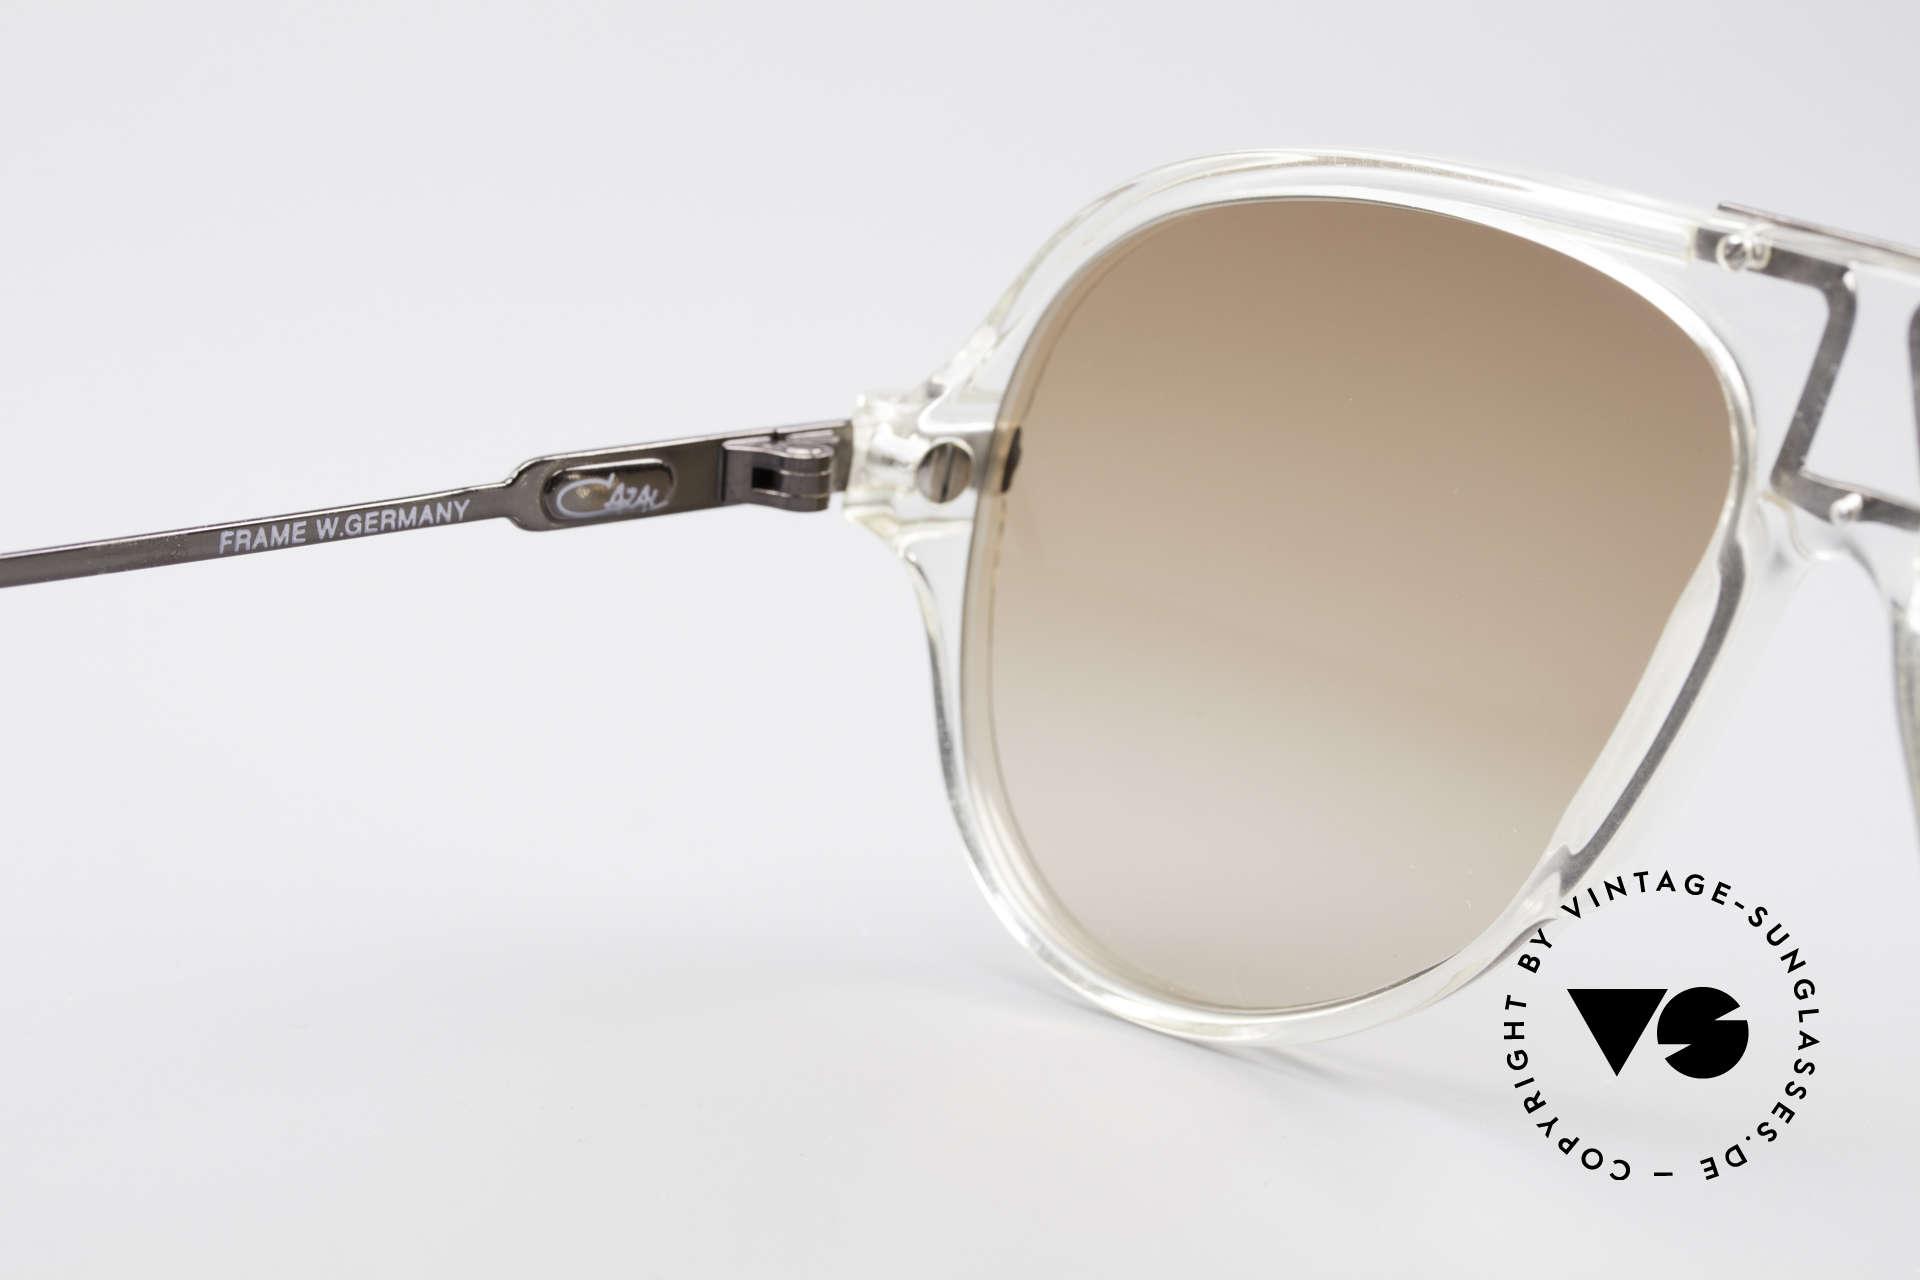 Cazal 622 Vintage Piloten Sonnenbrille, Sonnengläser in rehbraun-Verlauf; 100% UV Protection, Passend für Herren